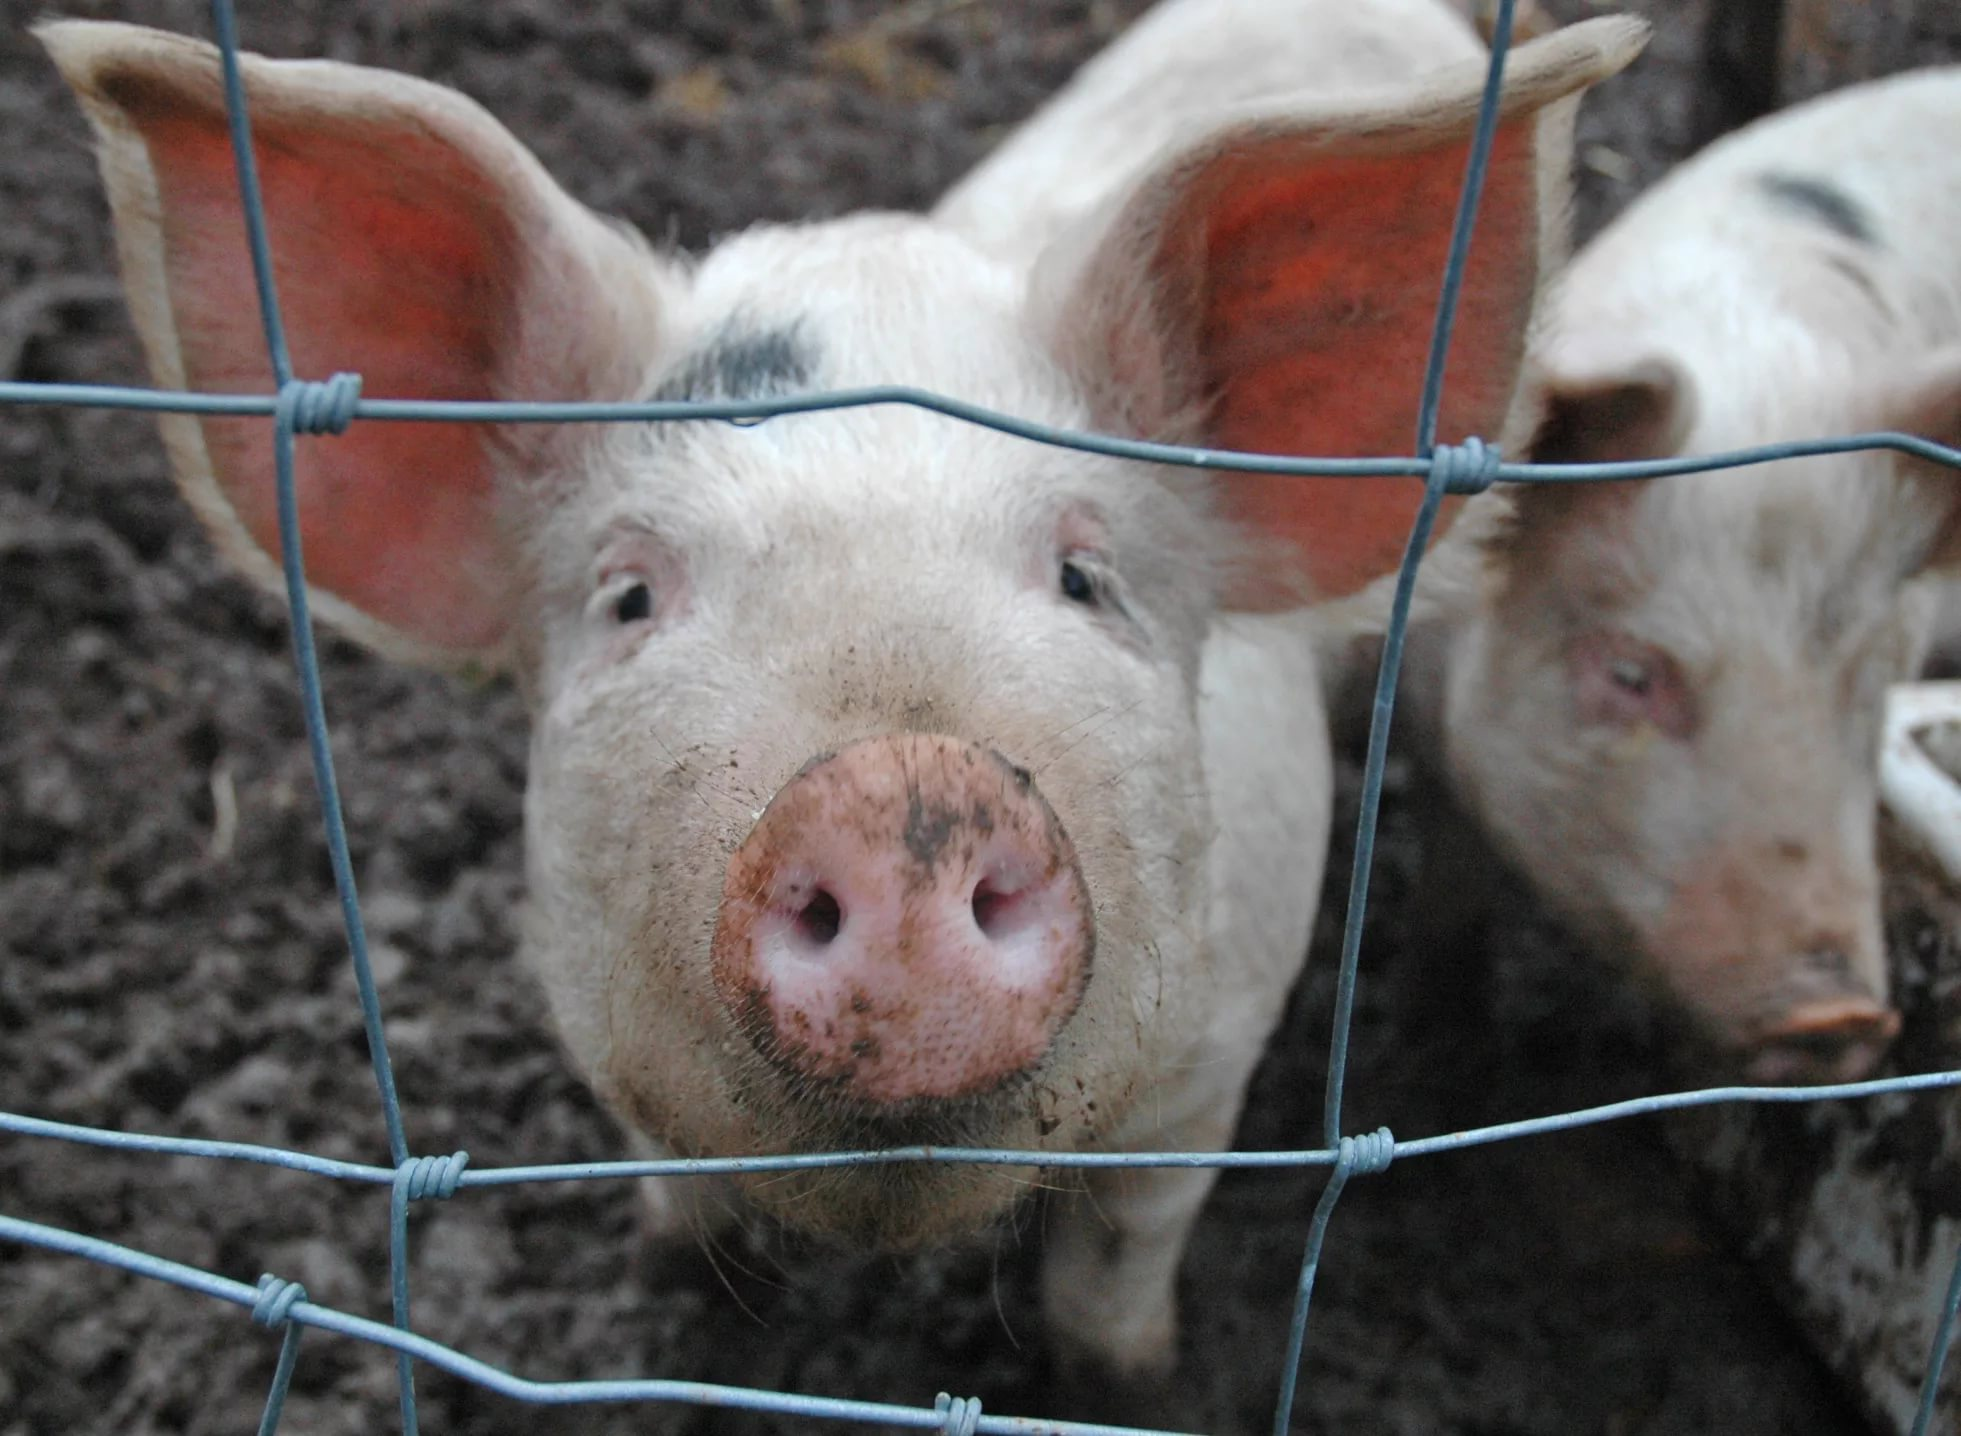 Сегодня в Старорусском районе выявлен очаг африканской чумы свиней